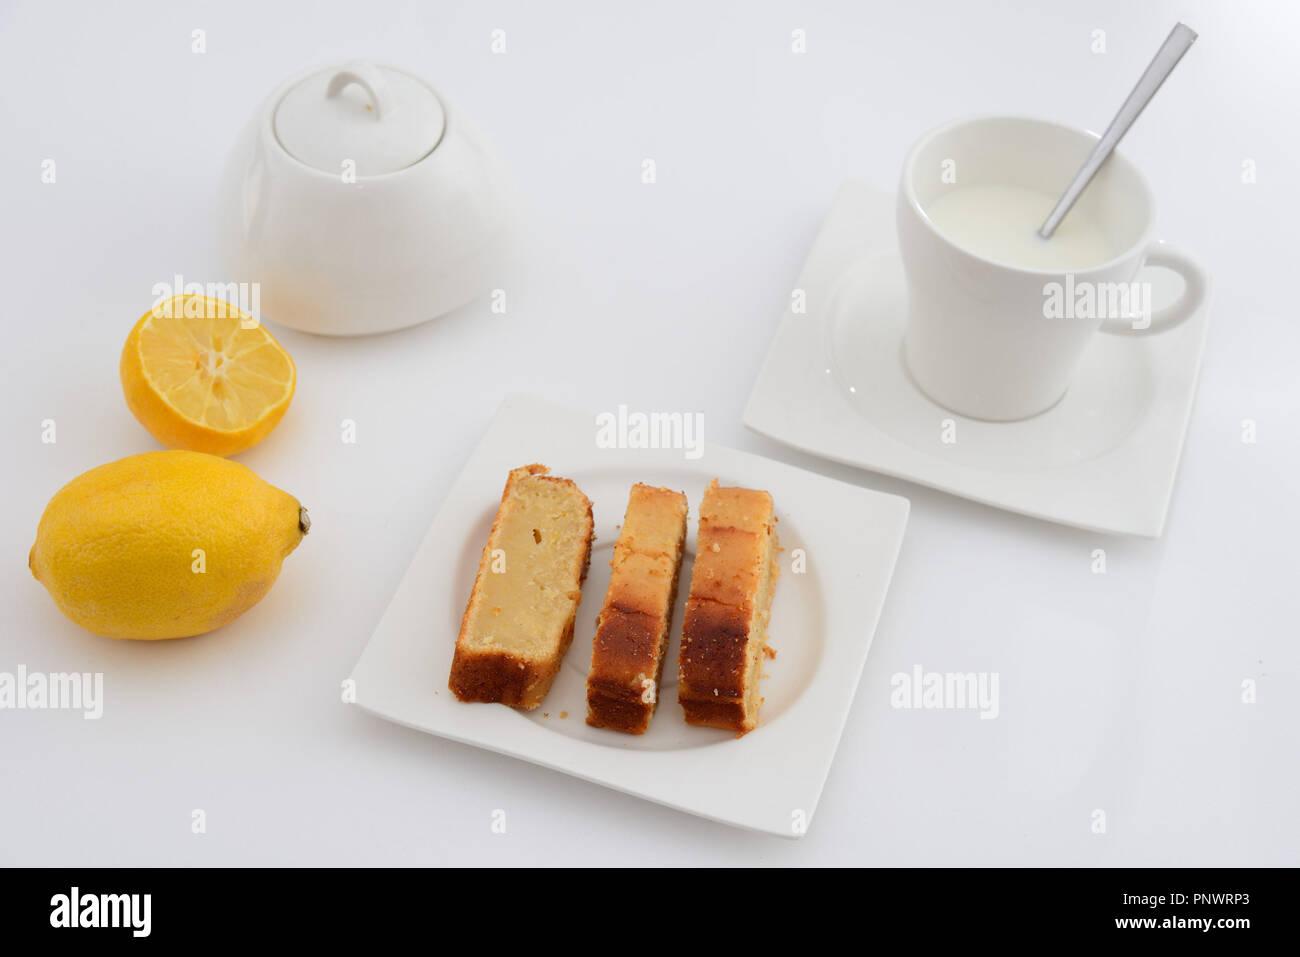 Desayuno. Taza con leche y bizcocho de limón en un plato. Fondo blanco Imagen De Stock